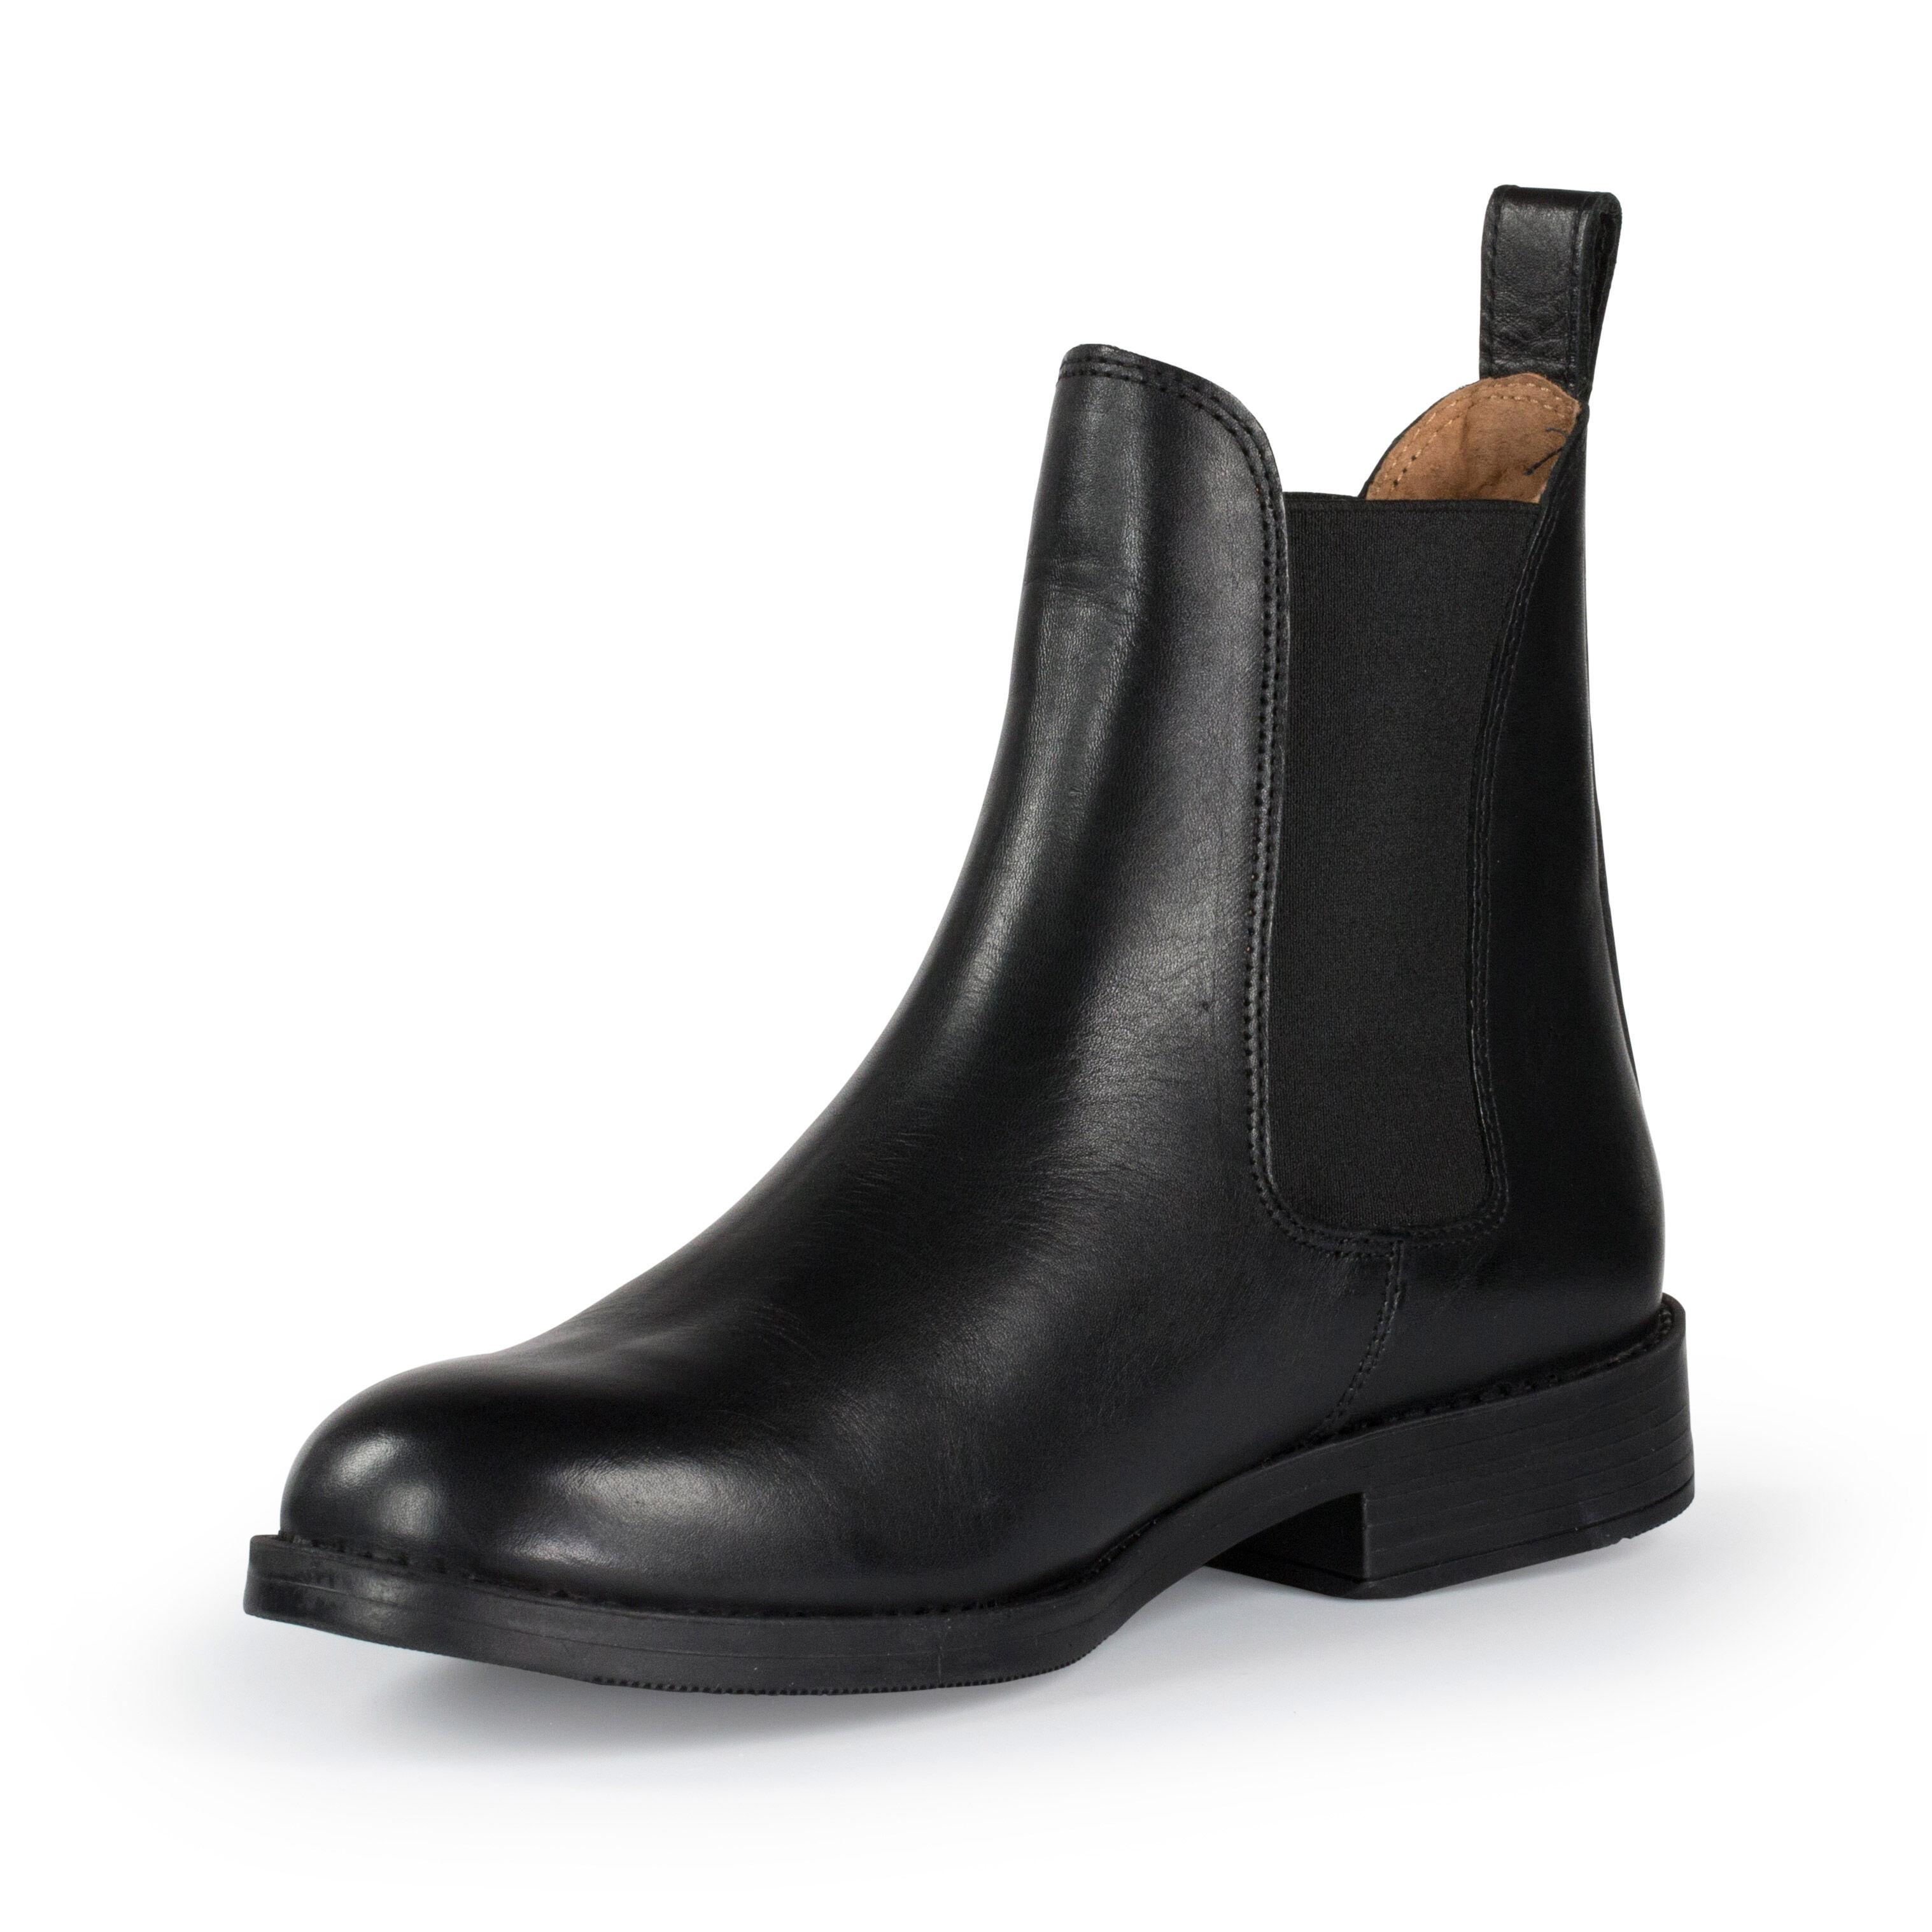 cuir Horze Boots Jodhpurs Jodhpurs Classic Boots Classic cuir uPXTkiOZ